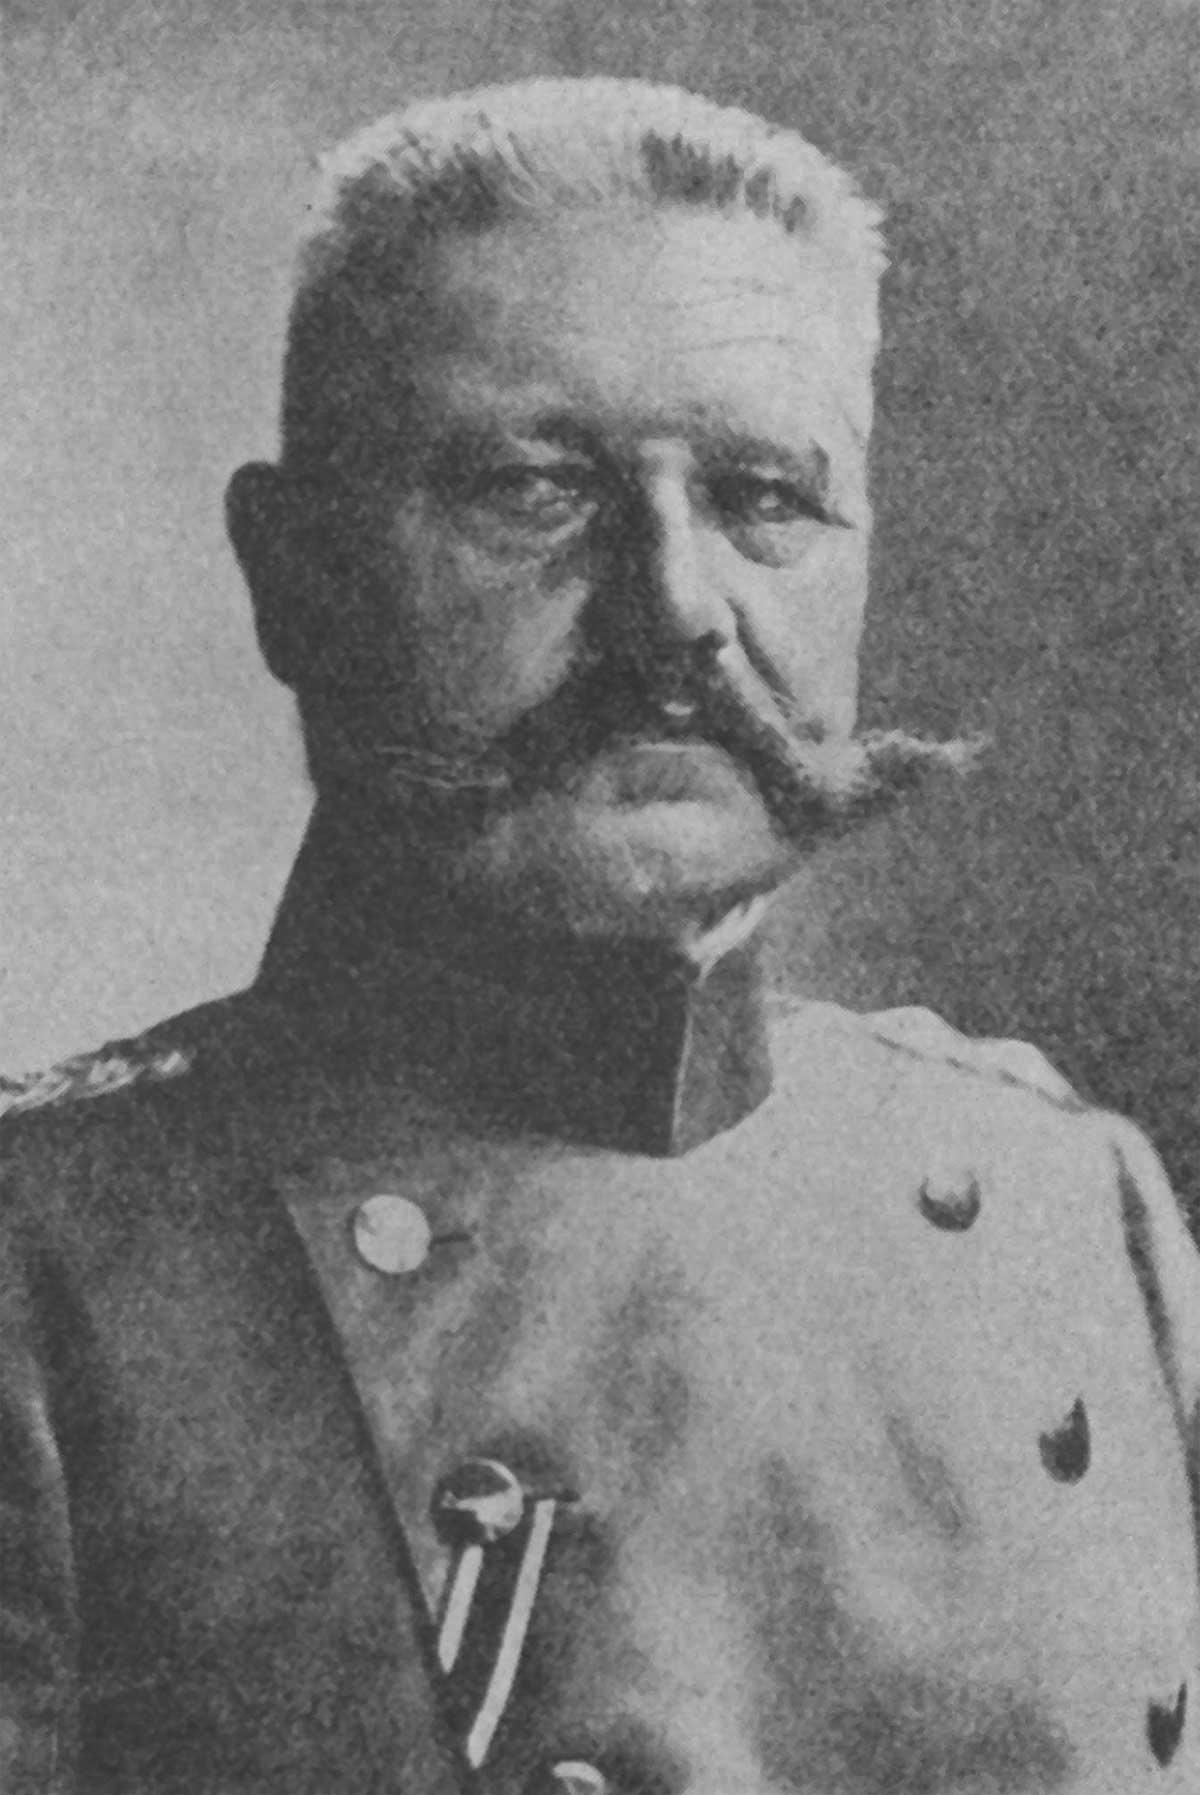 Paul_von_Hindenburg_Gw_hindenburg_01.png